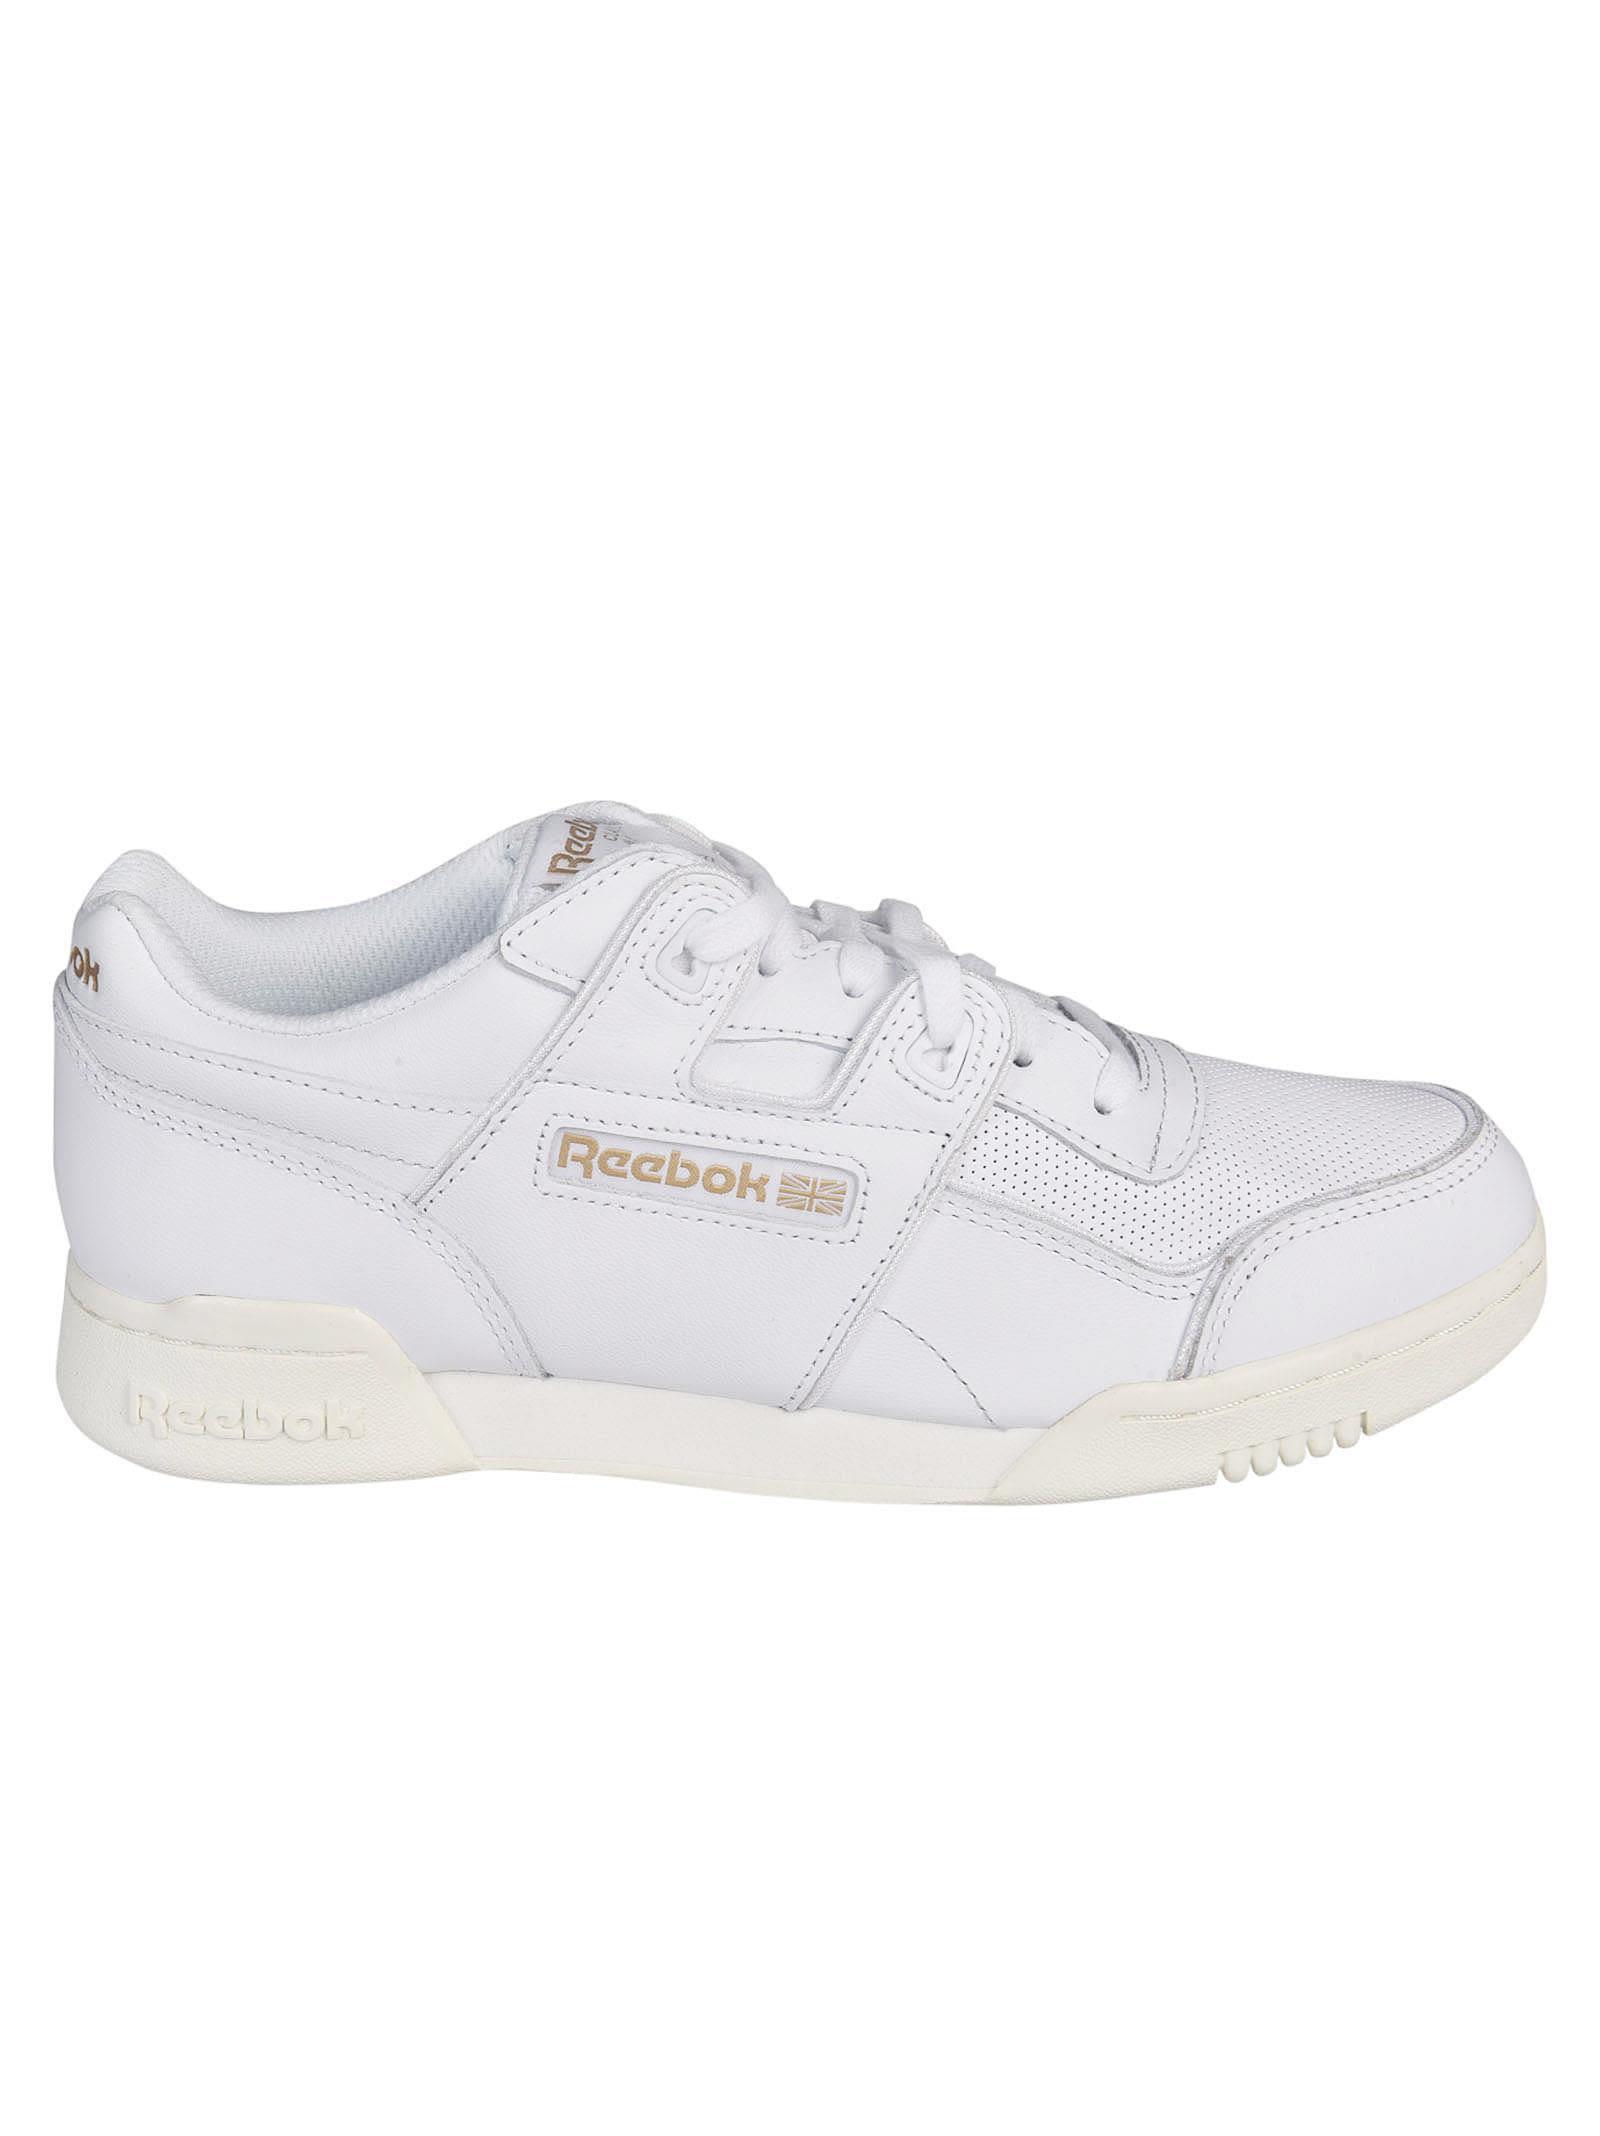 Reebok Side Logo Sneakers